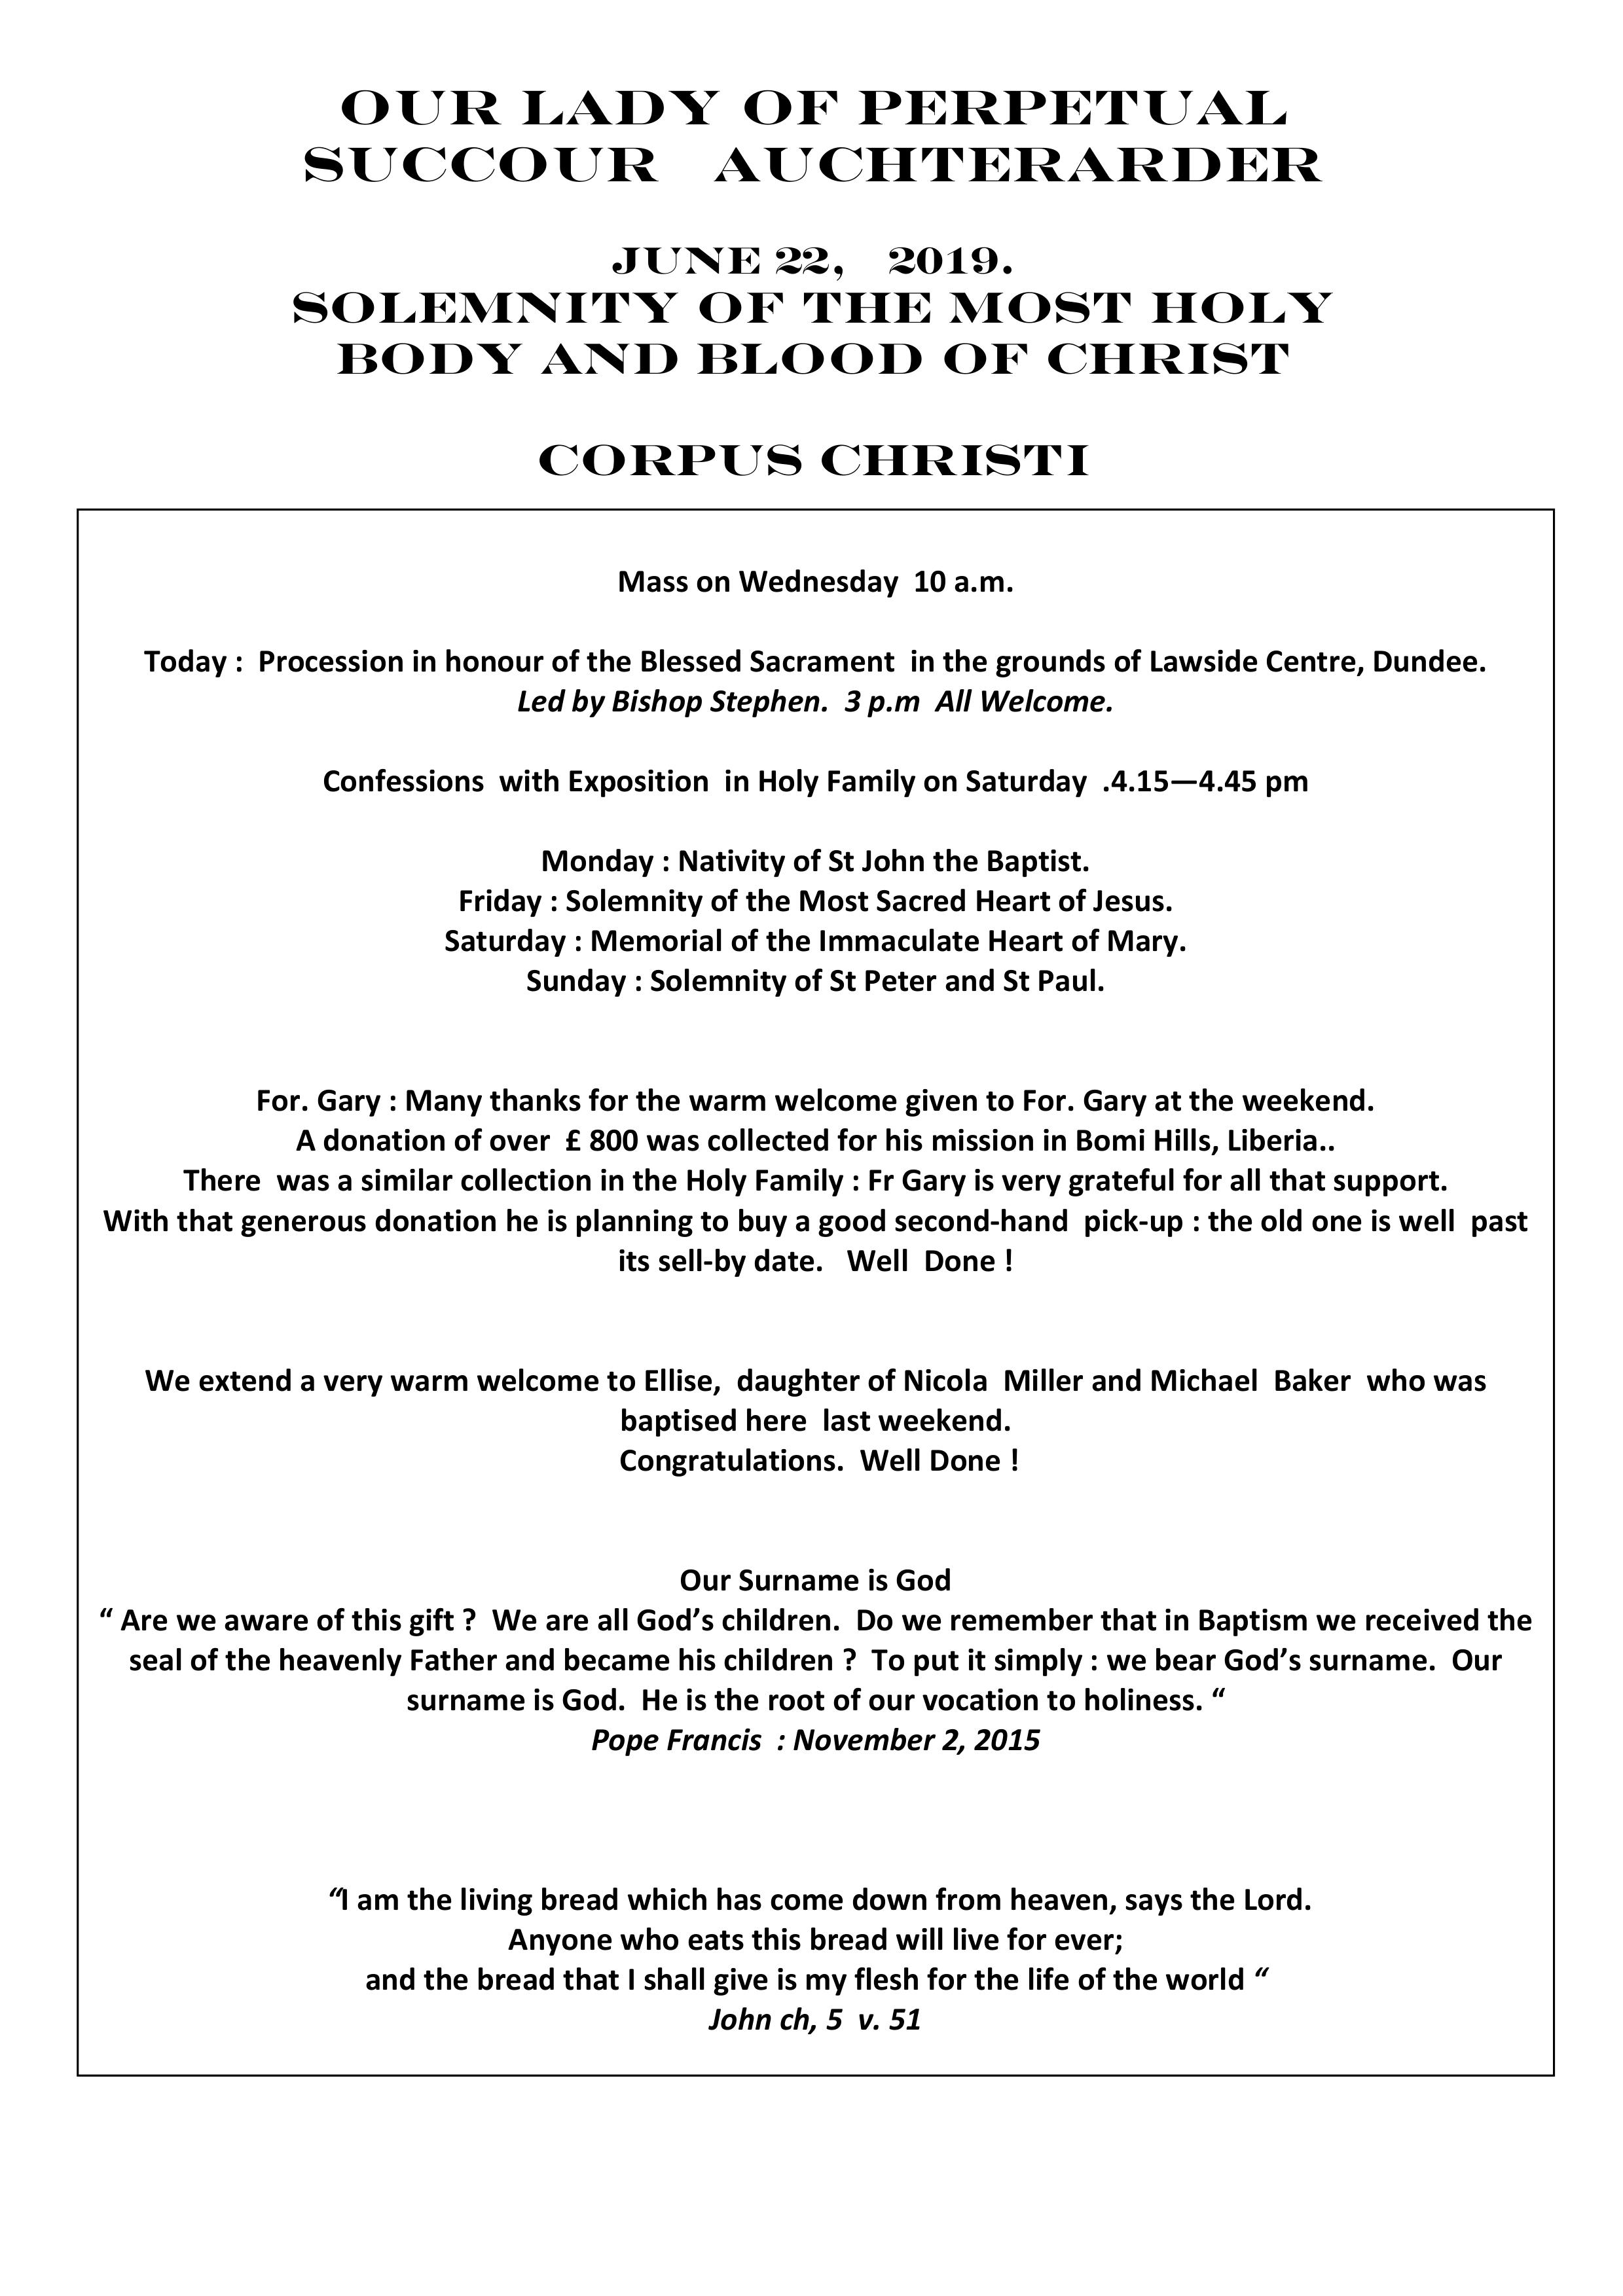 Parish Newsletter – 23/06/19